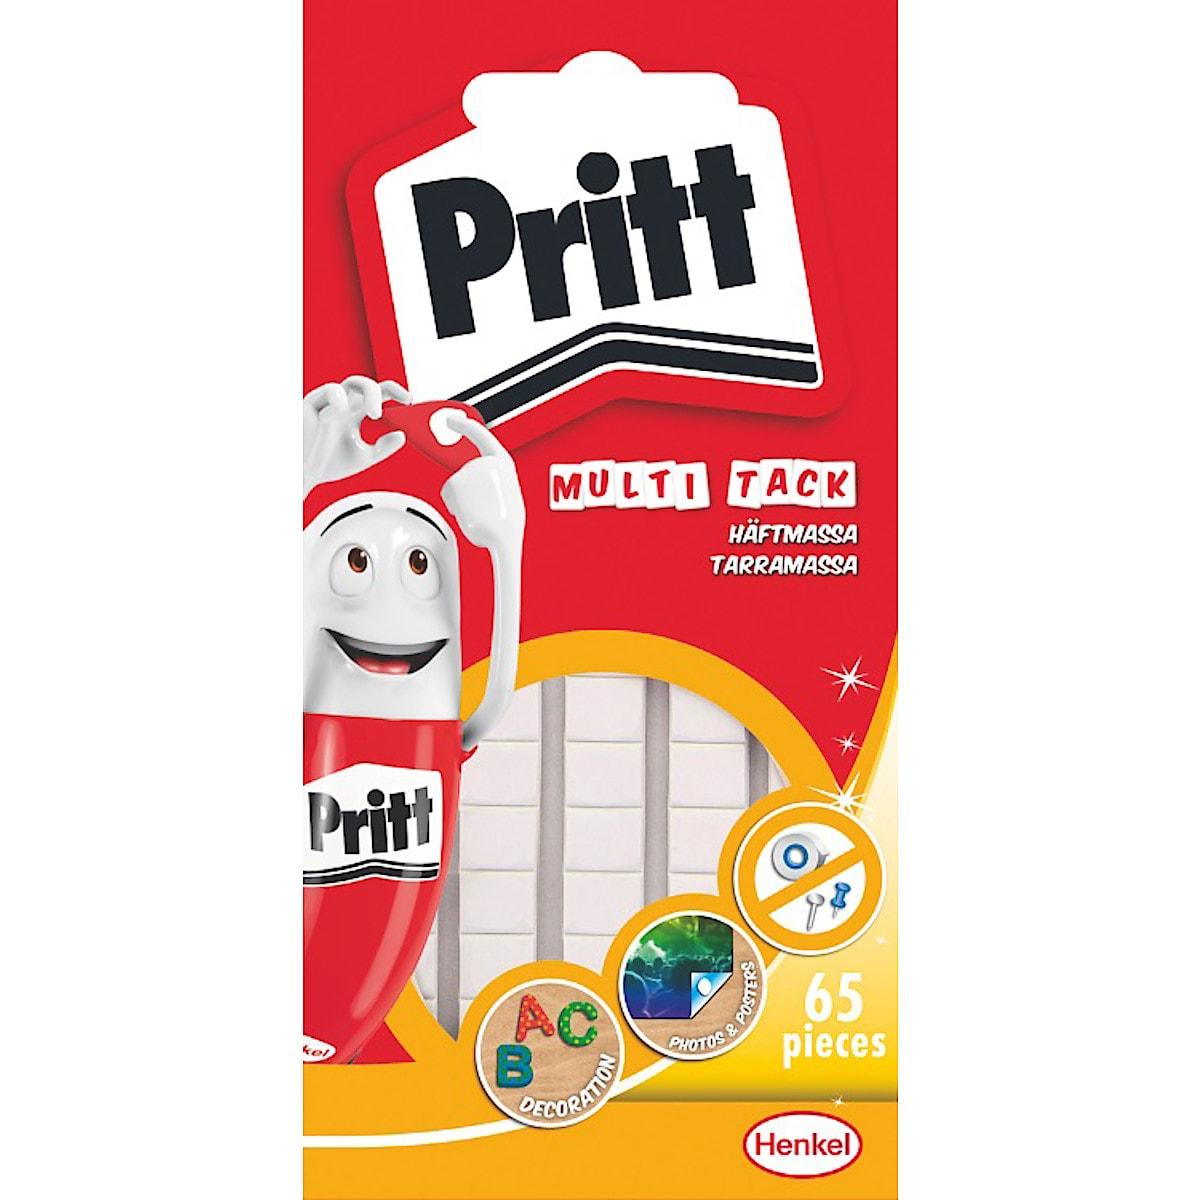 Häftmassa Pritt, 35 g